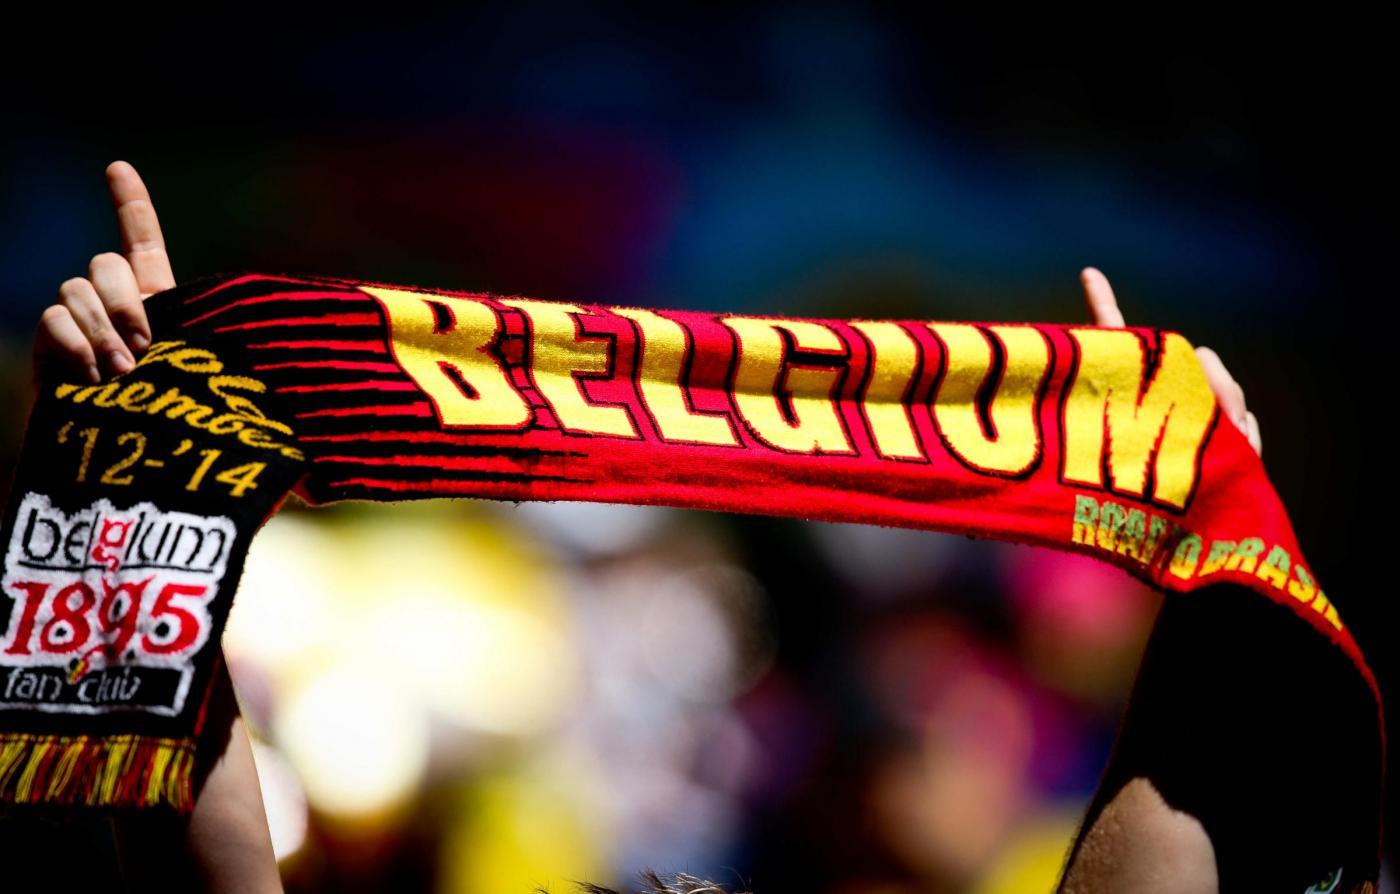 Belgio U18-Turchia U18 22 marzo